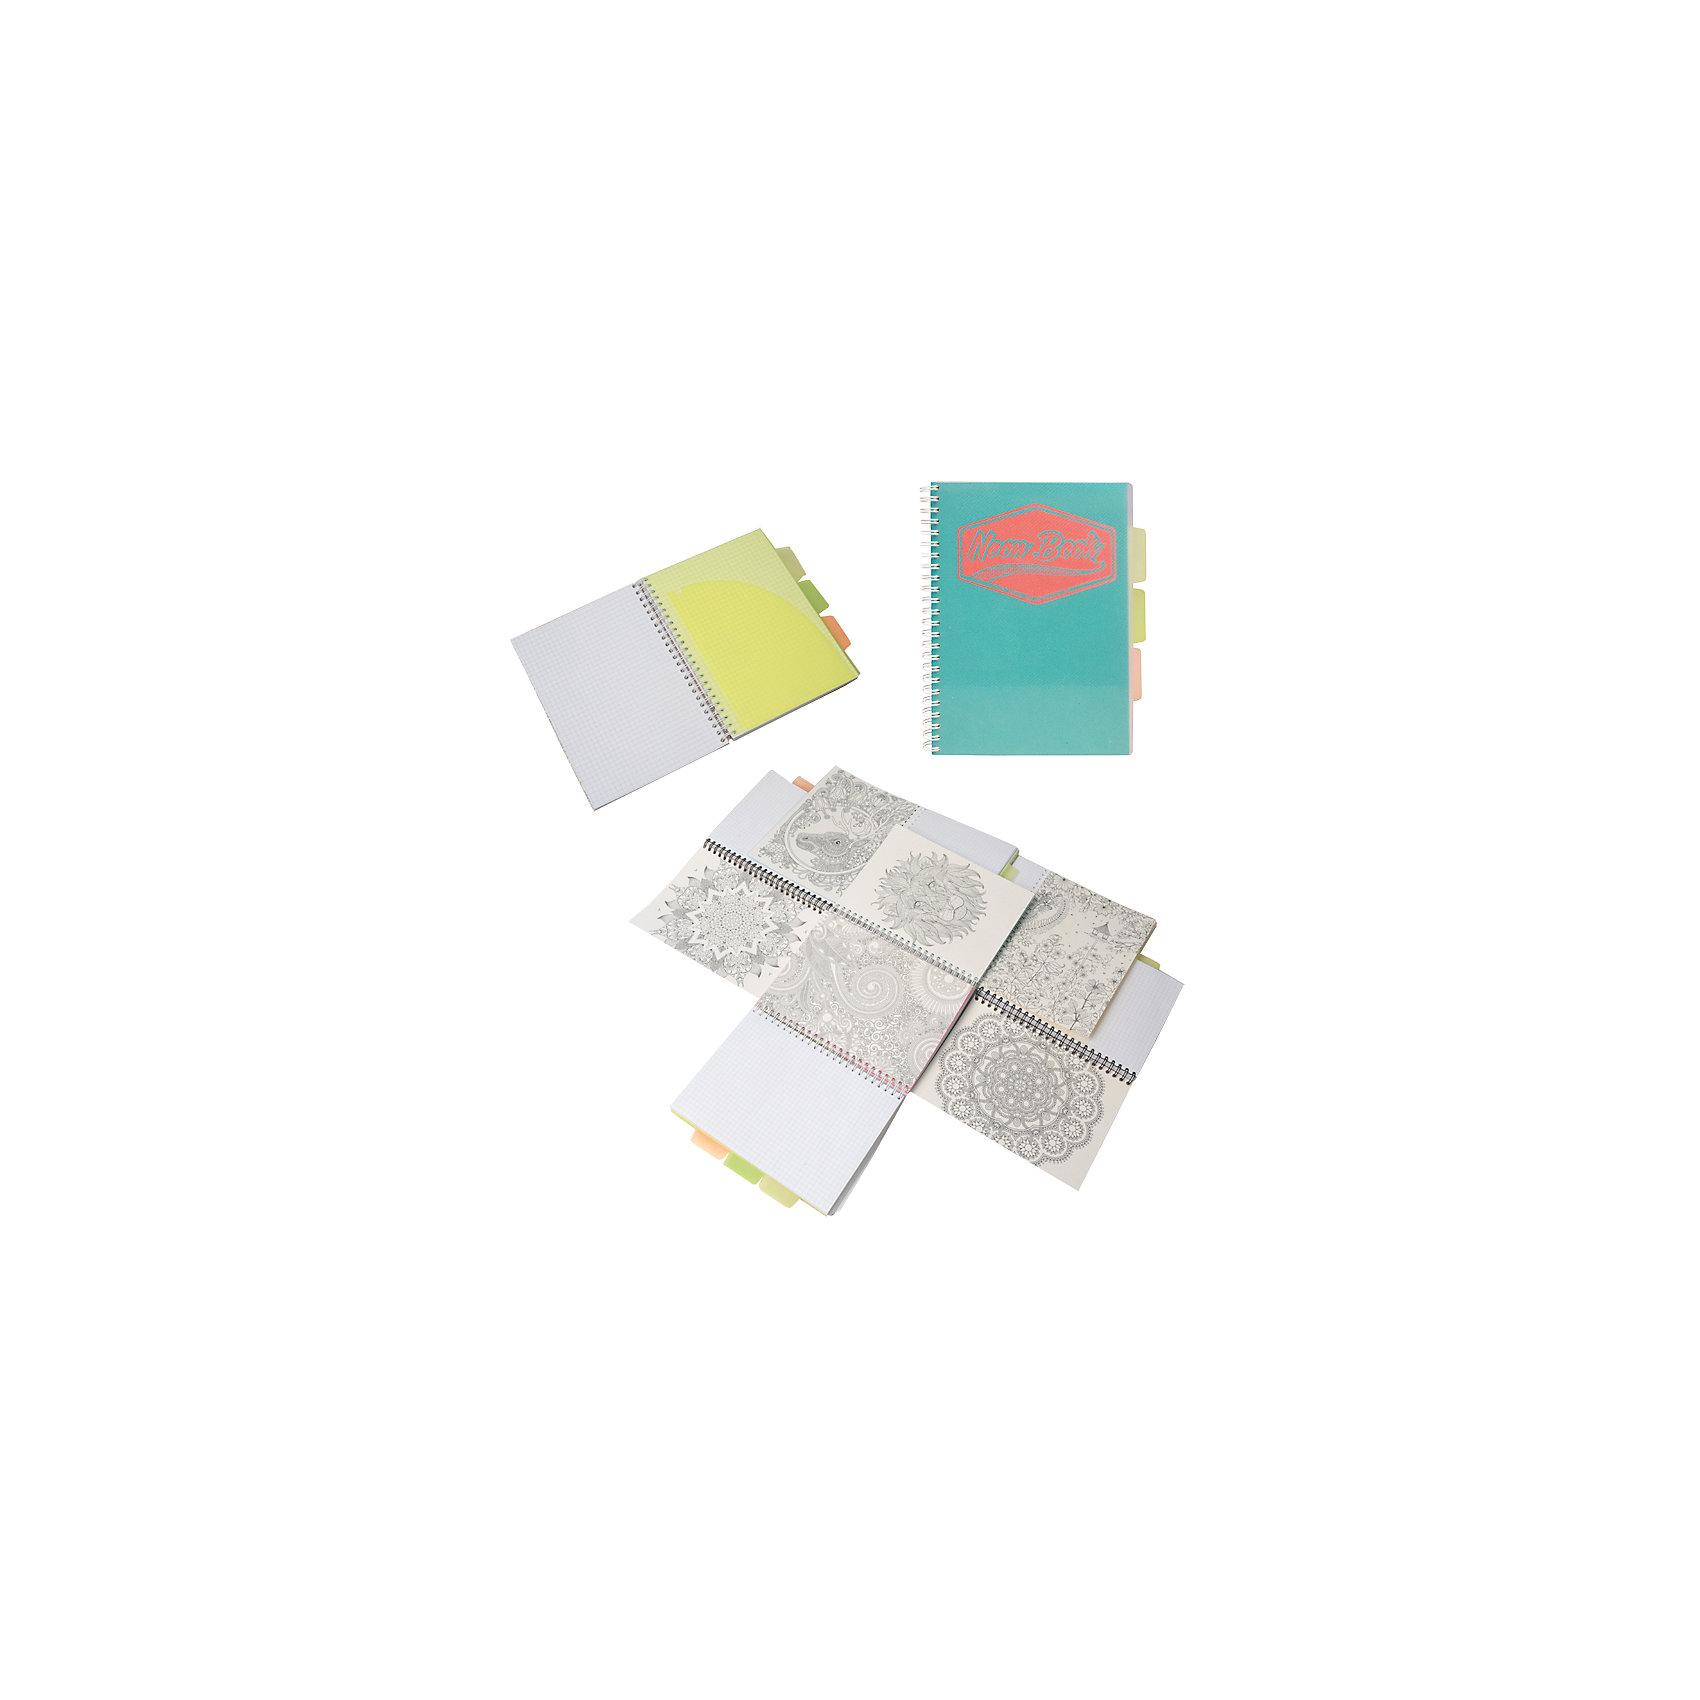 Бирюзовая тетрадь А5 Neon book 120 листовБирюзовая тетрадь А5 Neon book 120 листов<br><br>Характеристики:<br><br>• Количество листов: 120<br>• Формат: А5<br>• Цвет: бирюзовый<br>• Вес: 287г<br>• Размер: 203х15х168мм<br>• Тип: в клеточку, три разделителя<br><br>Большая общая тетрадь с тремя цветными разделителями идеально подойдет для дополнительных занятий или школьных уроков, где необходимо несколько тетрадей. Пластиковая обложка надежно защищает листы от попадания влаги. Крепление на гребне очень удобное и делает тетрадь компактной.<br> <br>Бирюзовую тетрадь А5 Neon book 120 листов можно купить в нашем интернет-магазине.<br><br>Ширина мм: 203<br>Глубина мм: 15<br>Высота мм: 168<br>Вес г: 287<br>Возраст от месяцев: 84<br>Возраст до месяцев: 360<br>Пол: Унисекс<br>Возраст: Детский<br>SKU: 5390352